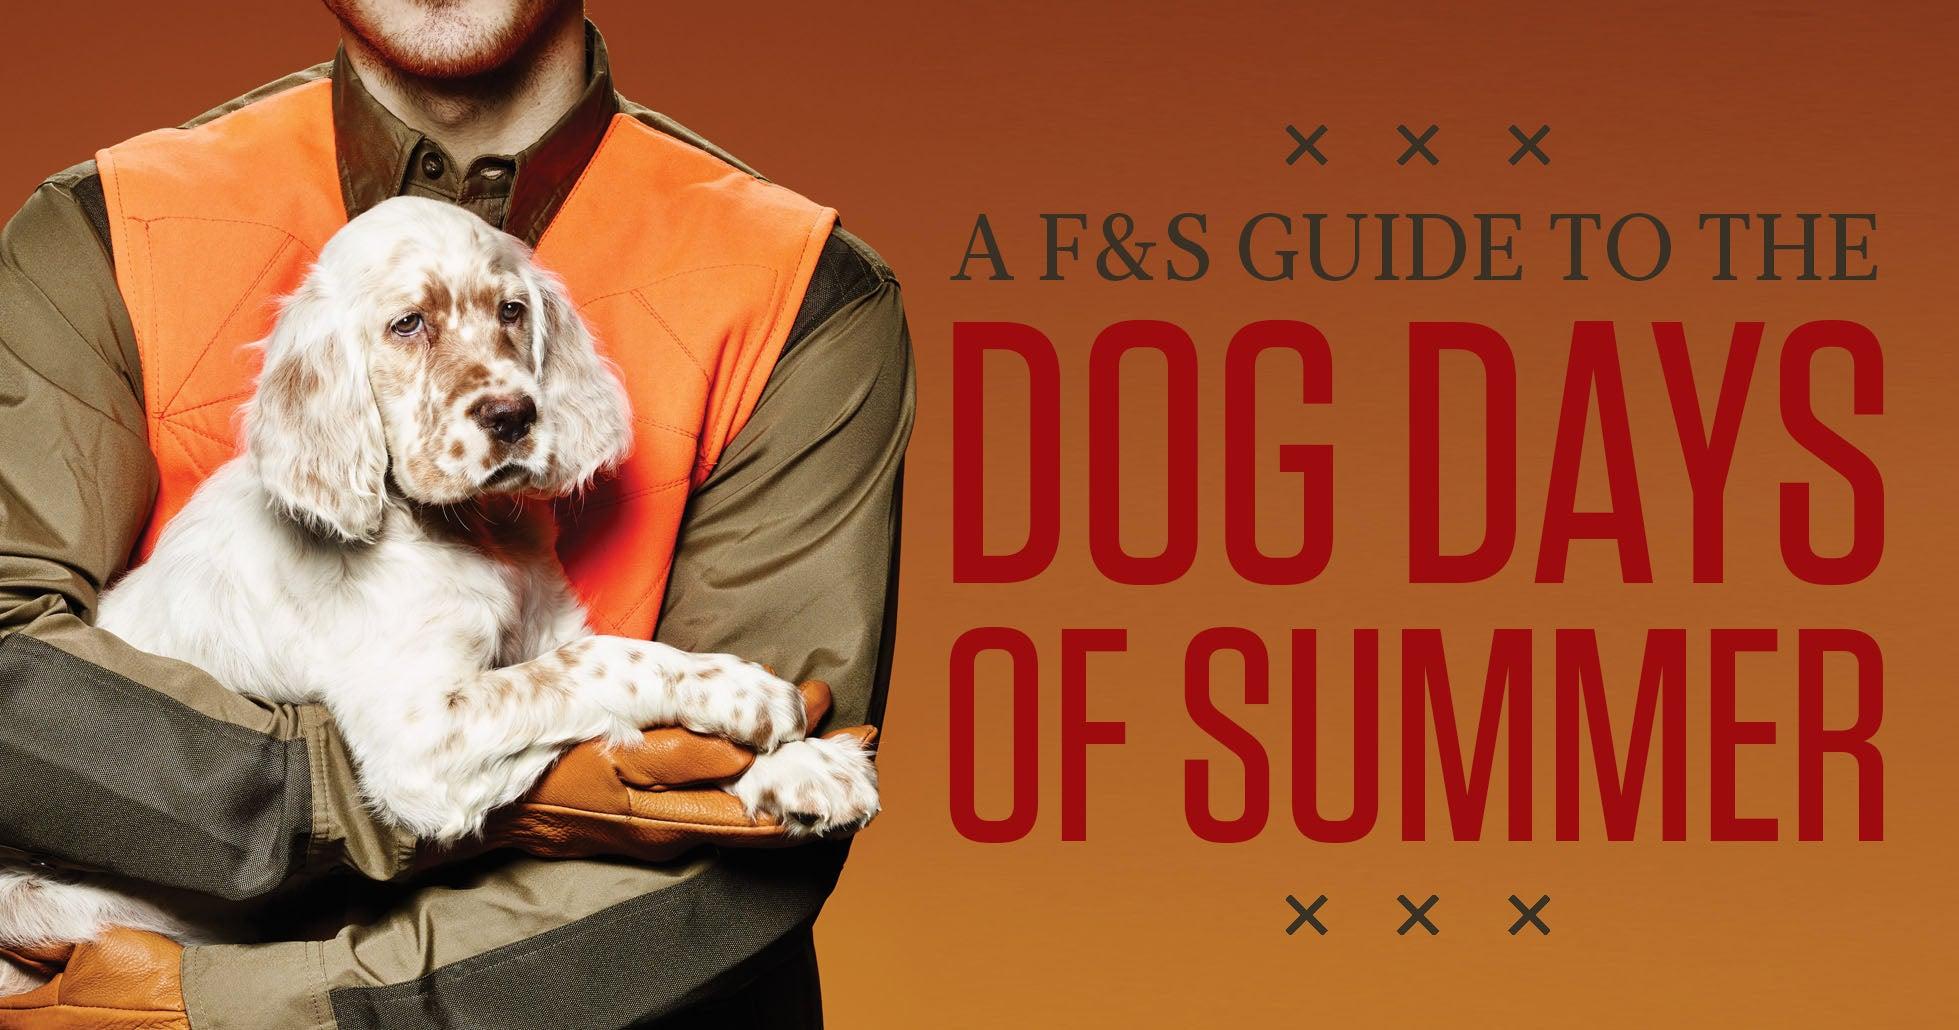 gun dog training, puppy training, summer puppy training, gun dog commands, teach gun dog commands, gun dog teaching aids